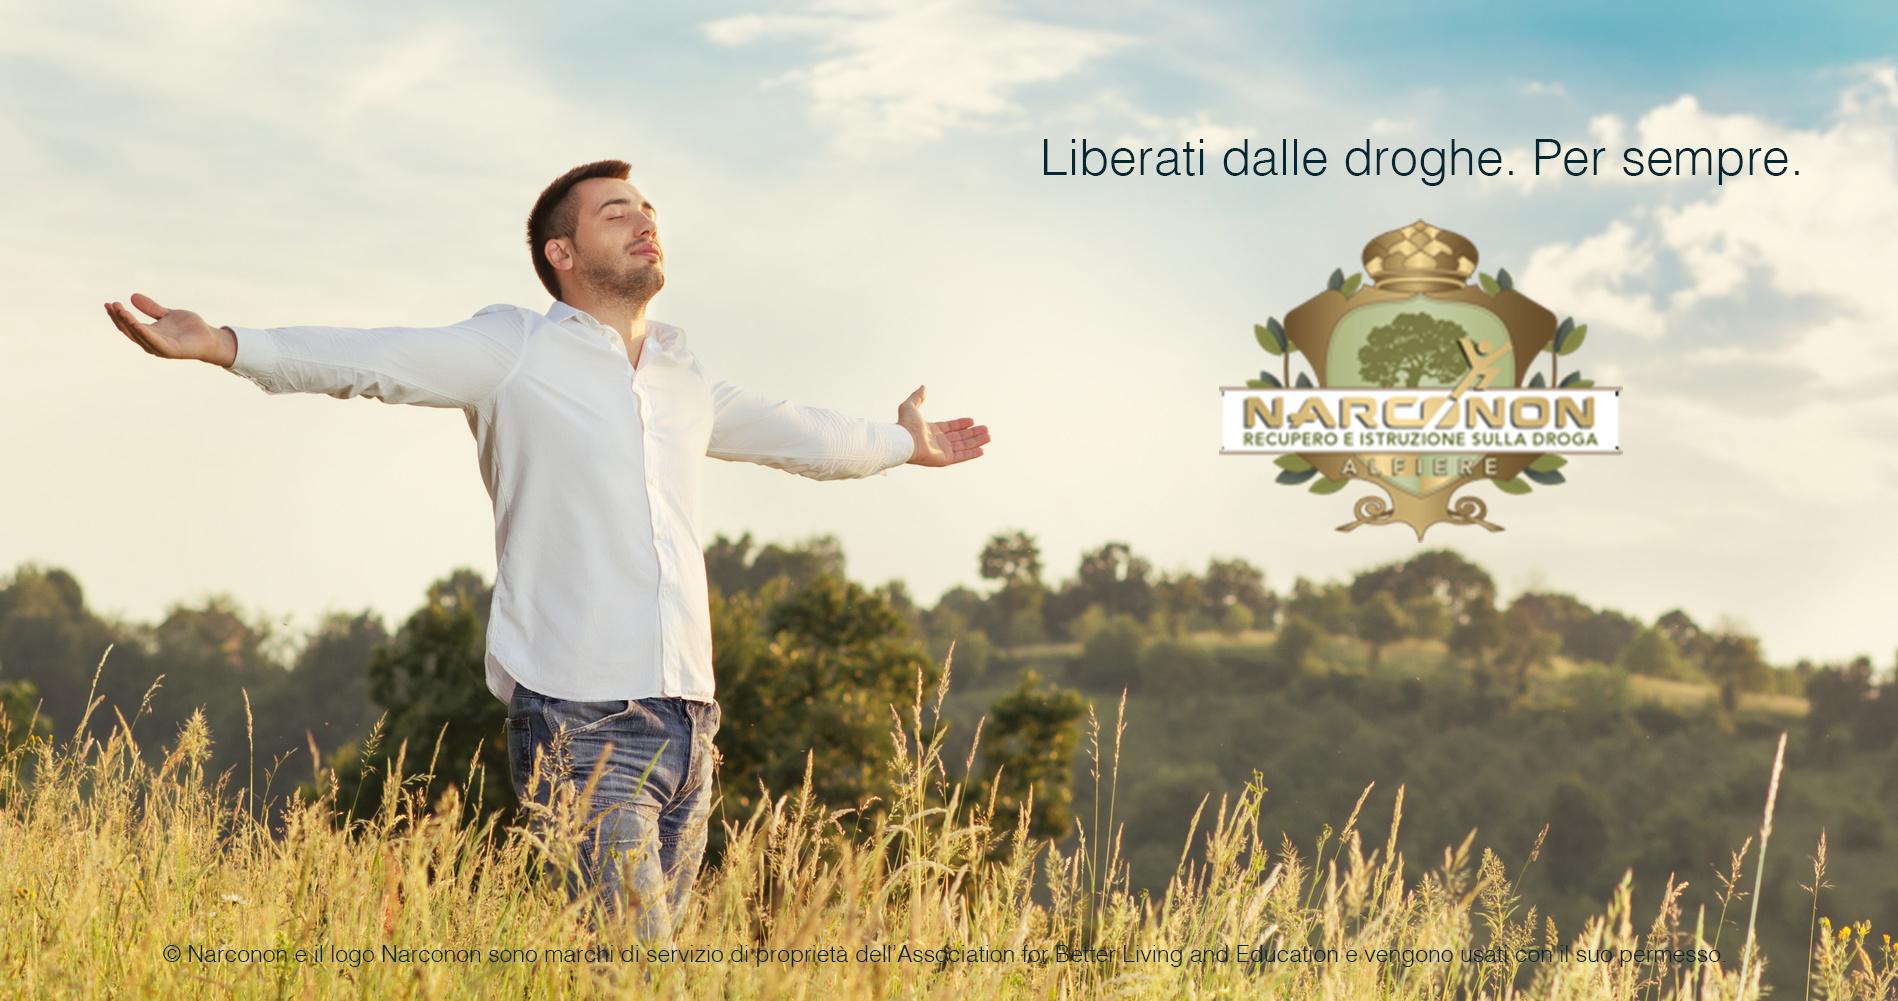 Centro Narconon Alfiere- liberati dalle droghe